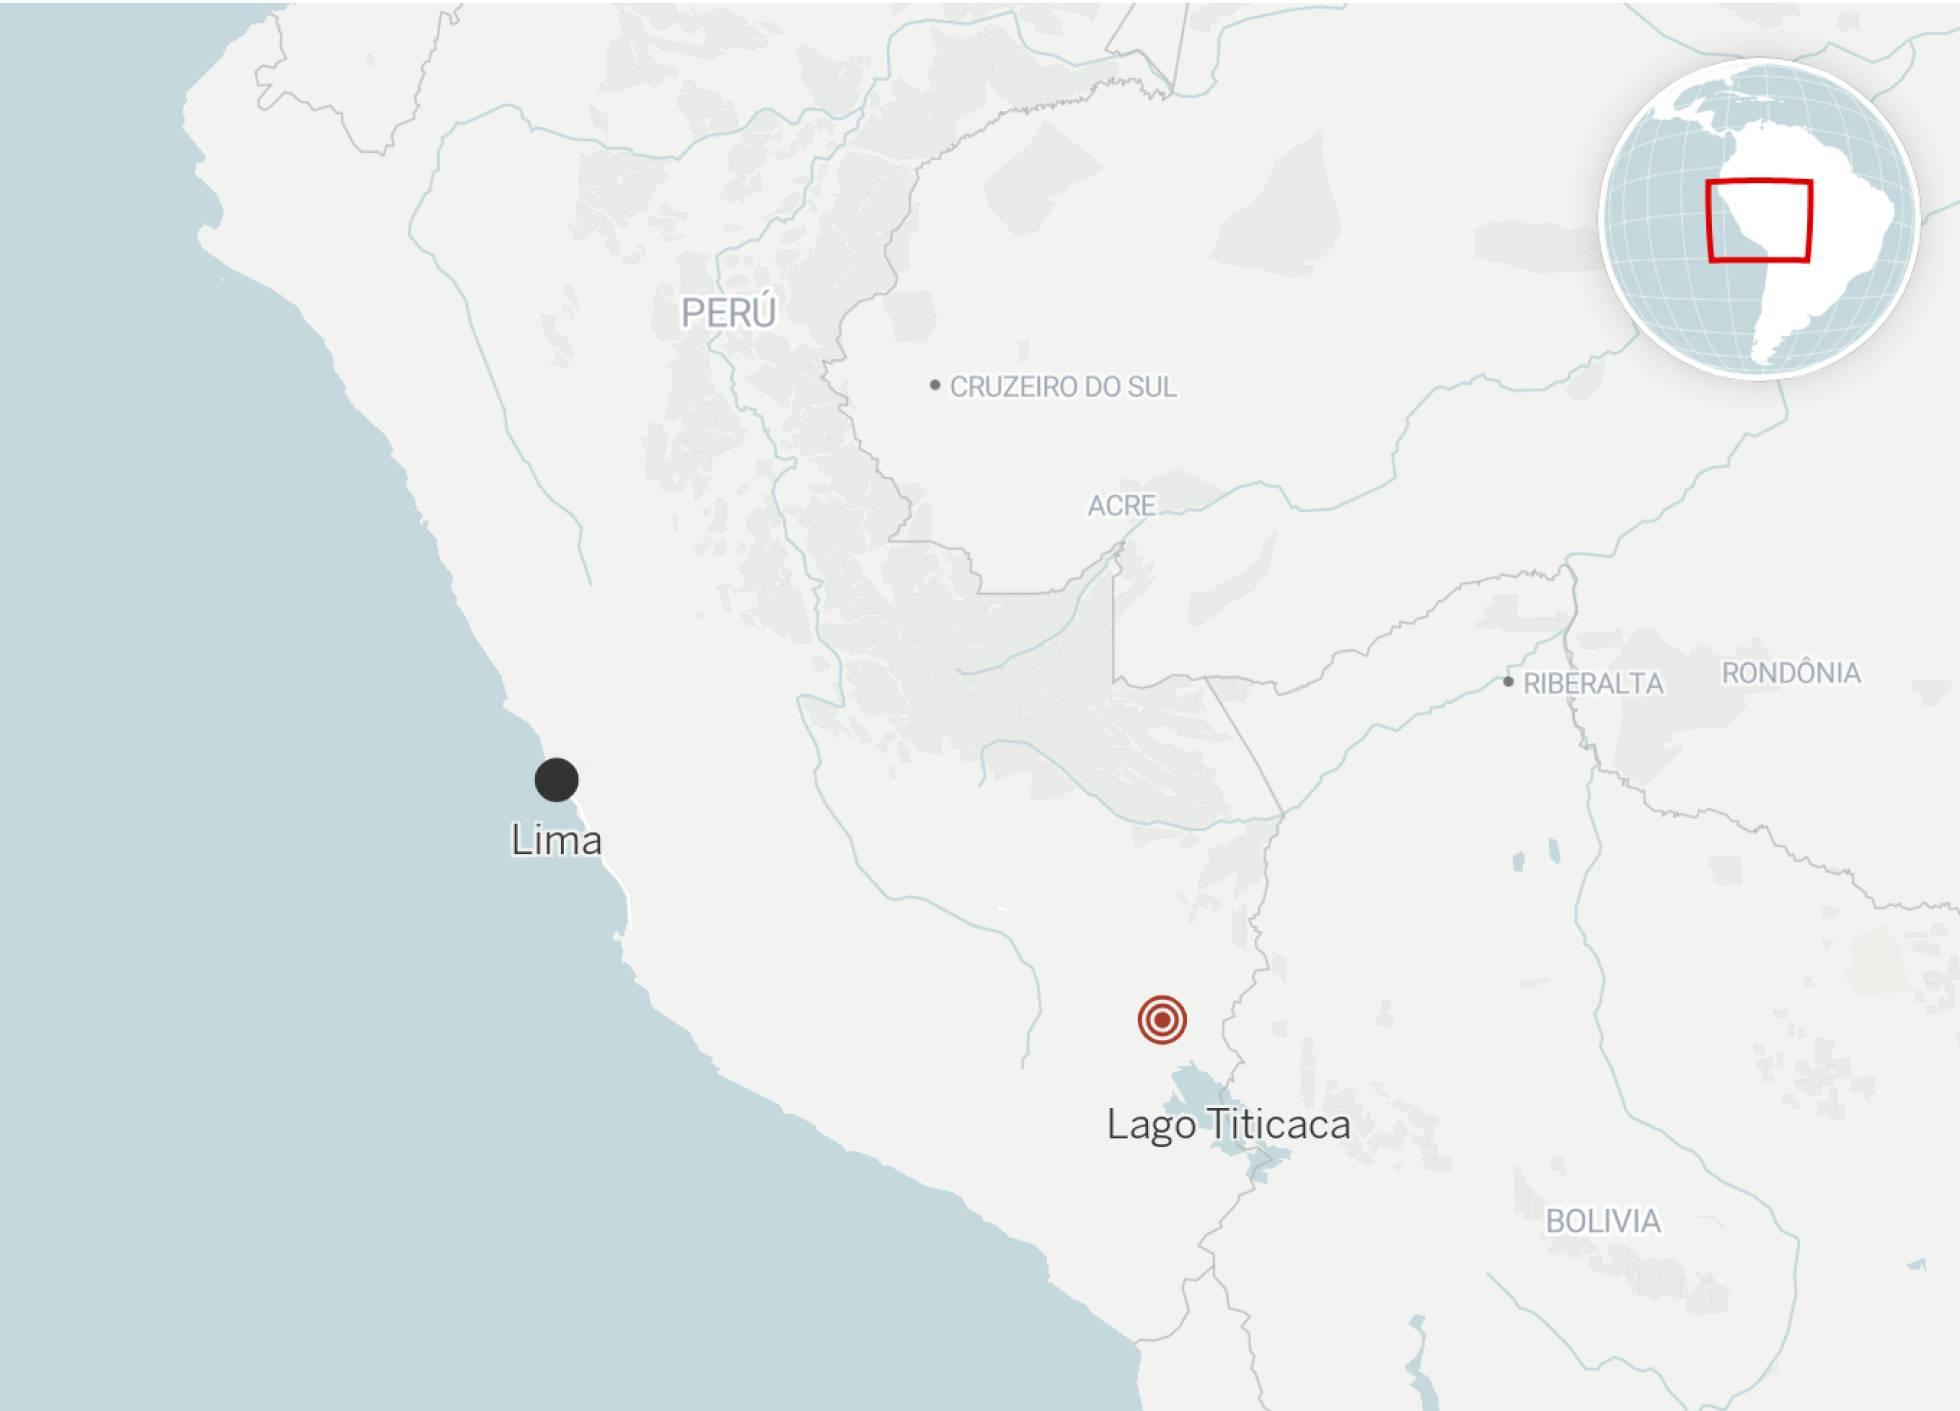 Localización del sismo ocurrido en Perú